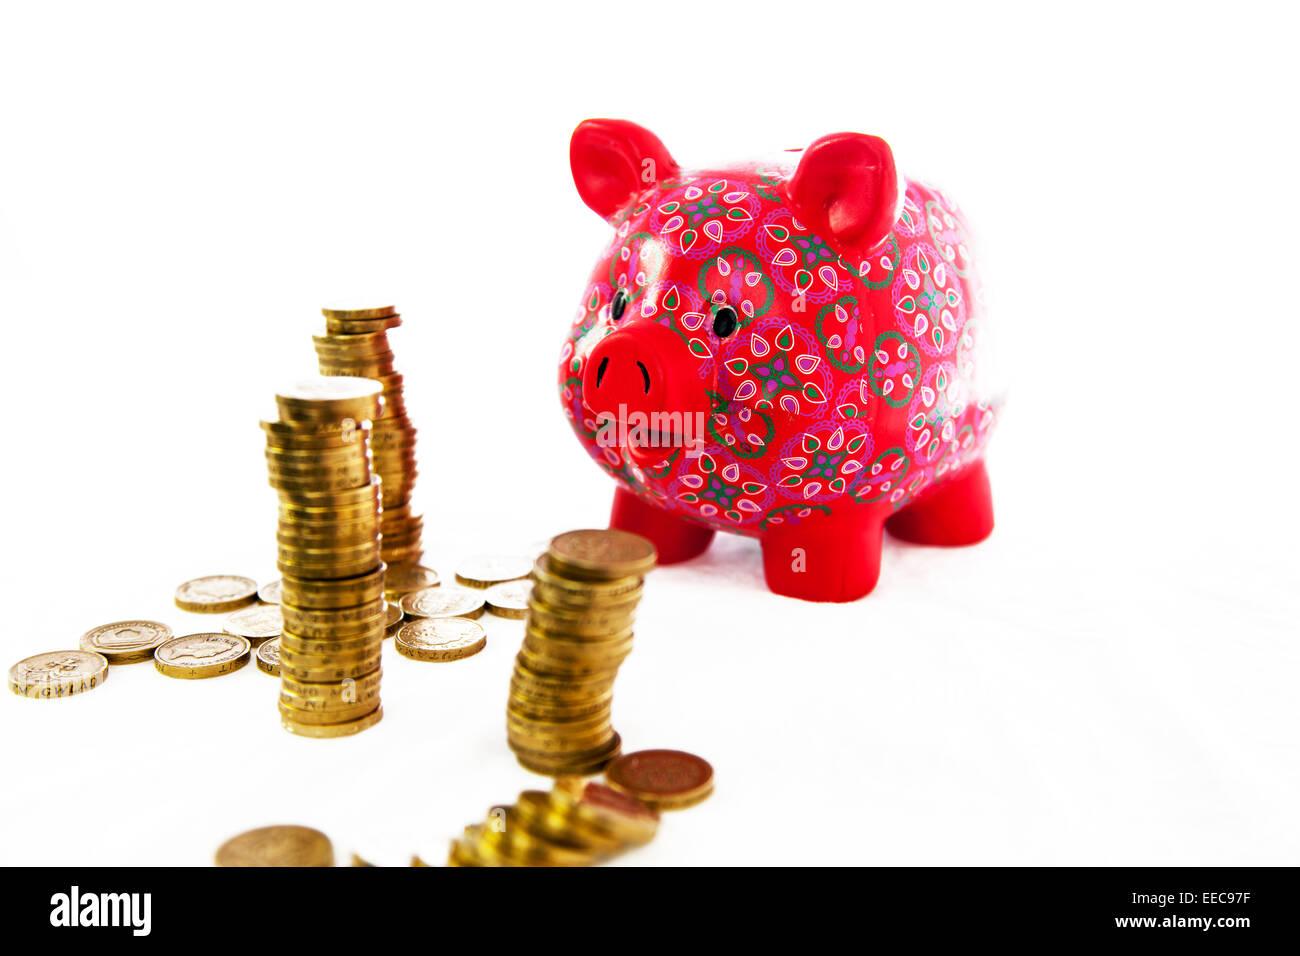 Sparen Geld sparen Münzen Sparschwein Pfund Pfund Münze Barkaution sparen ausgeschnittene Kopie Raum weißen Stockbild